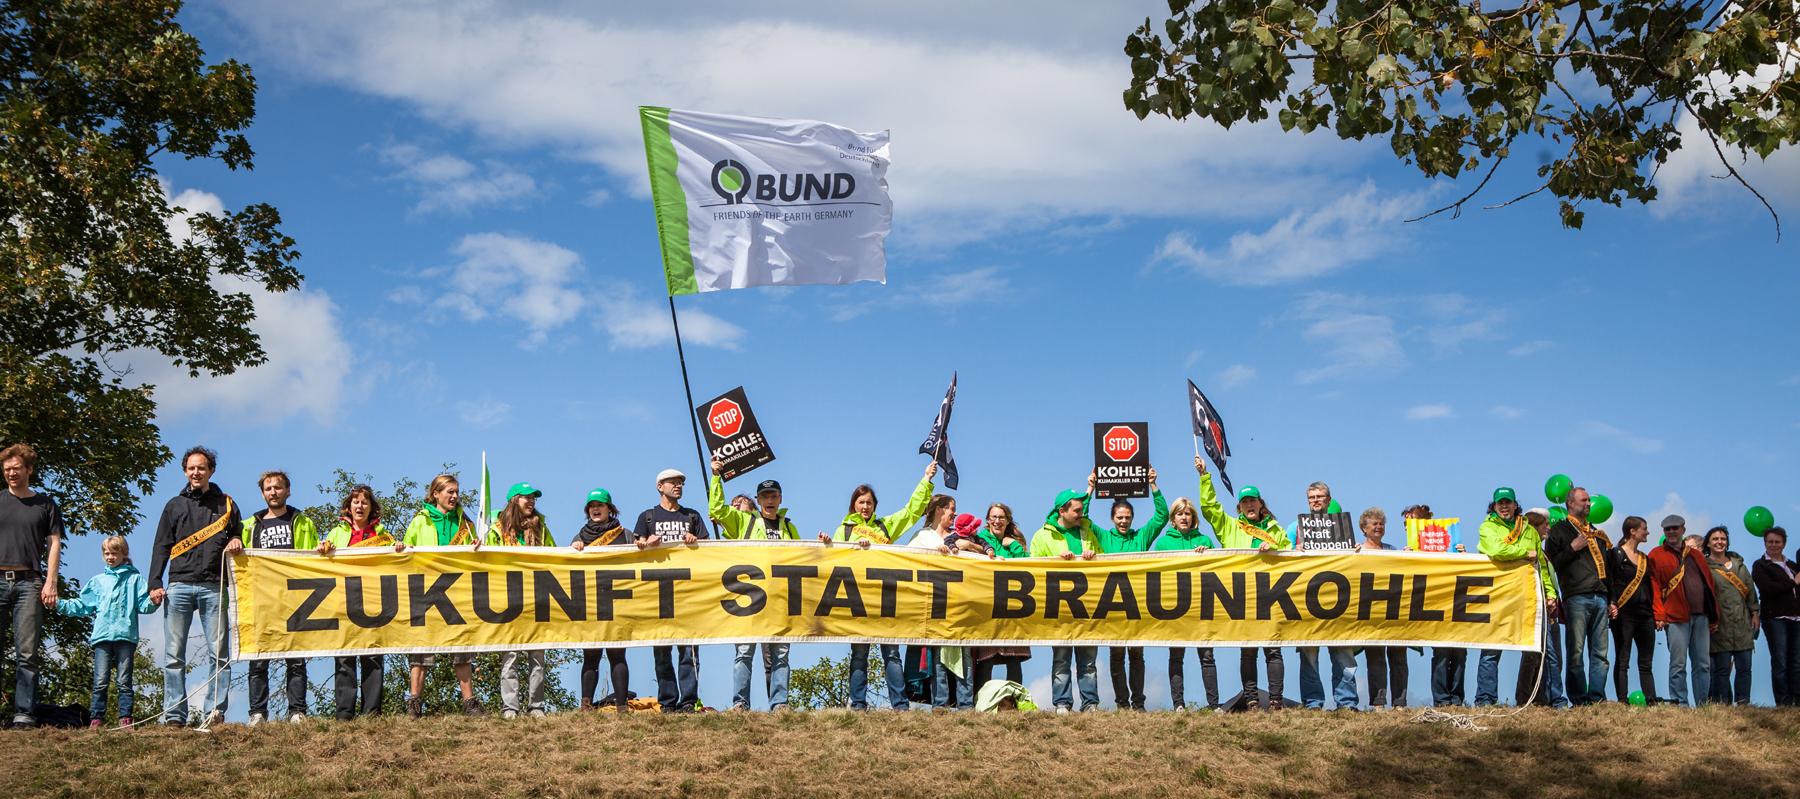 BUND Menschenkette Lausitz_jakob huber